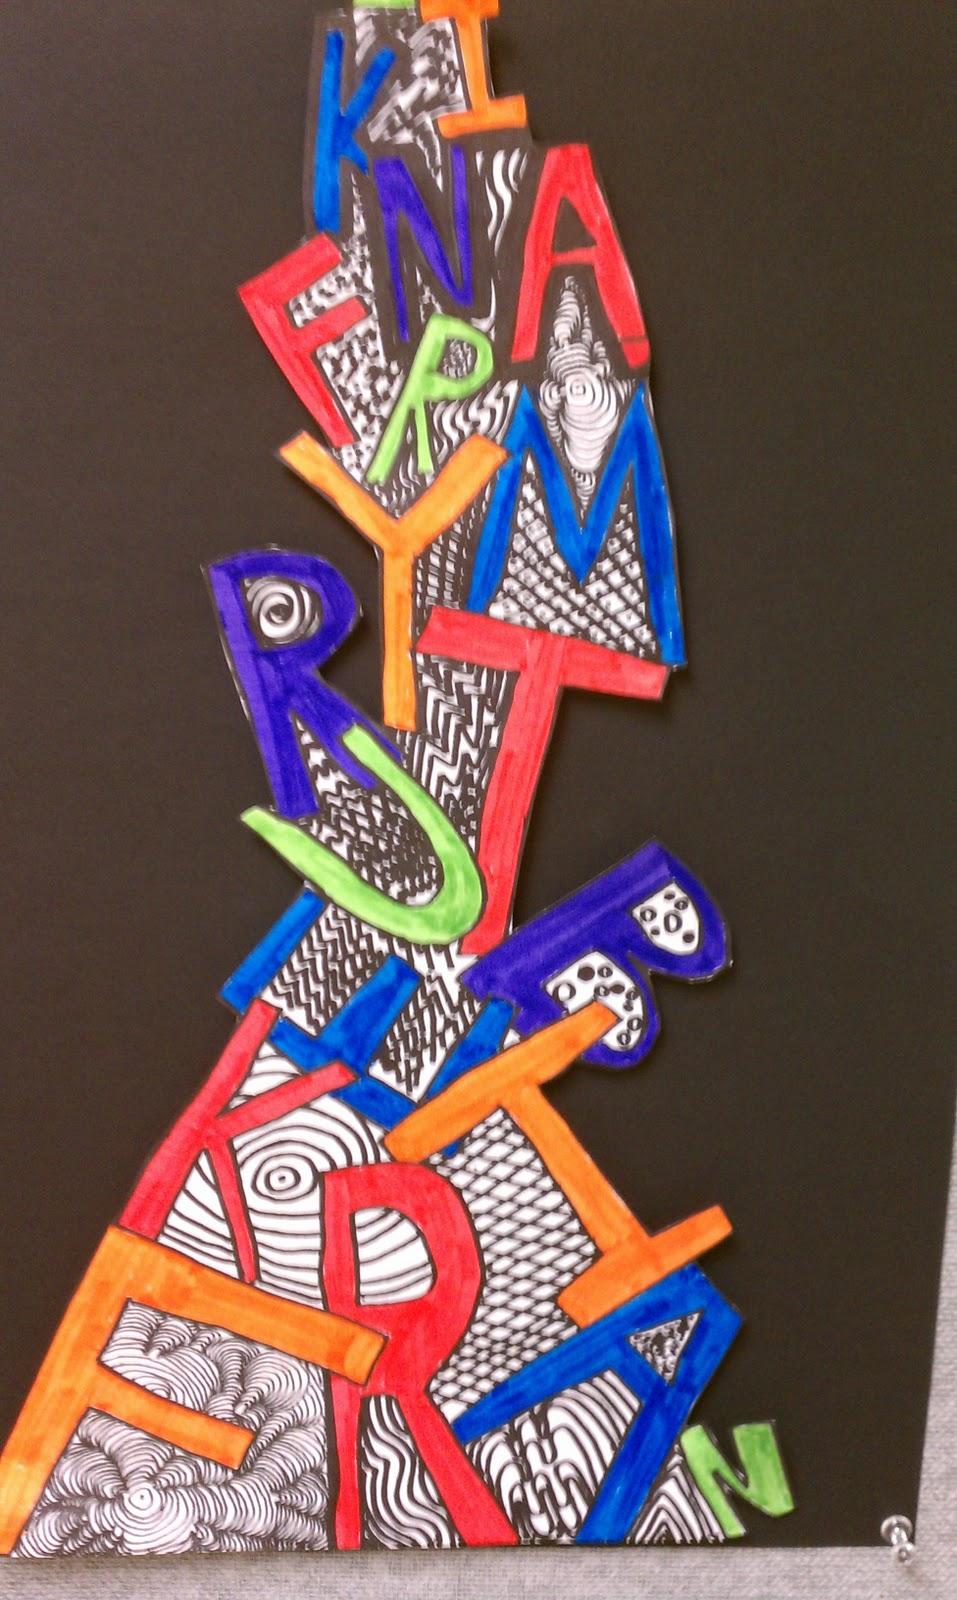 name+pyramid+2  Th Grade November Art on super best friends art, american folk art, grade 8 art, eighth grade art, seventh grade art, kindergarten art, third grade clip art, van gogh art, professor chaos art, paper quilling art, toilet paper art, grade 4 clip art, middle school art, pencil crayon art, grade 7 art, tenth grade clip art, grade 1 clip art, 4th of july art, australian art,